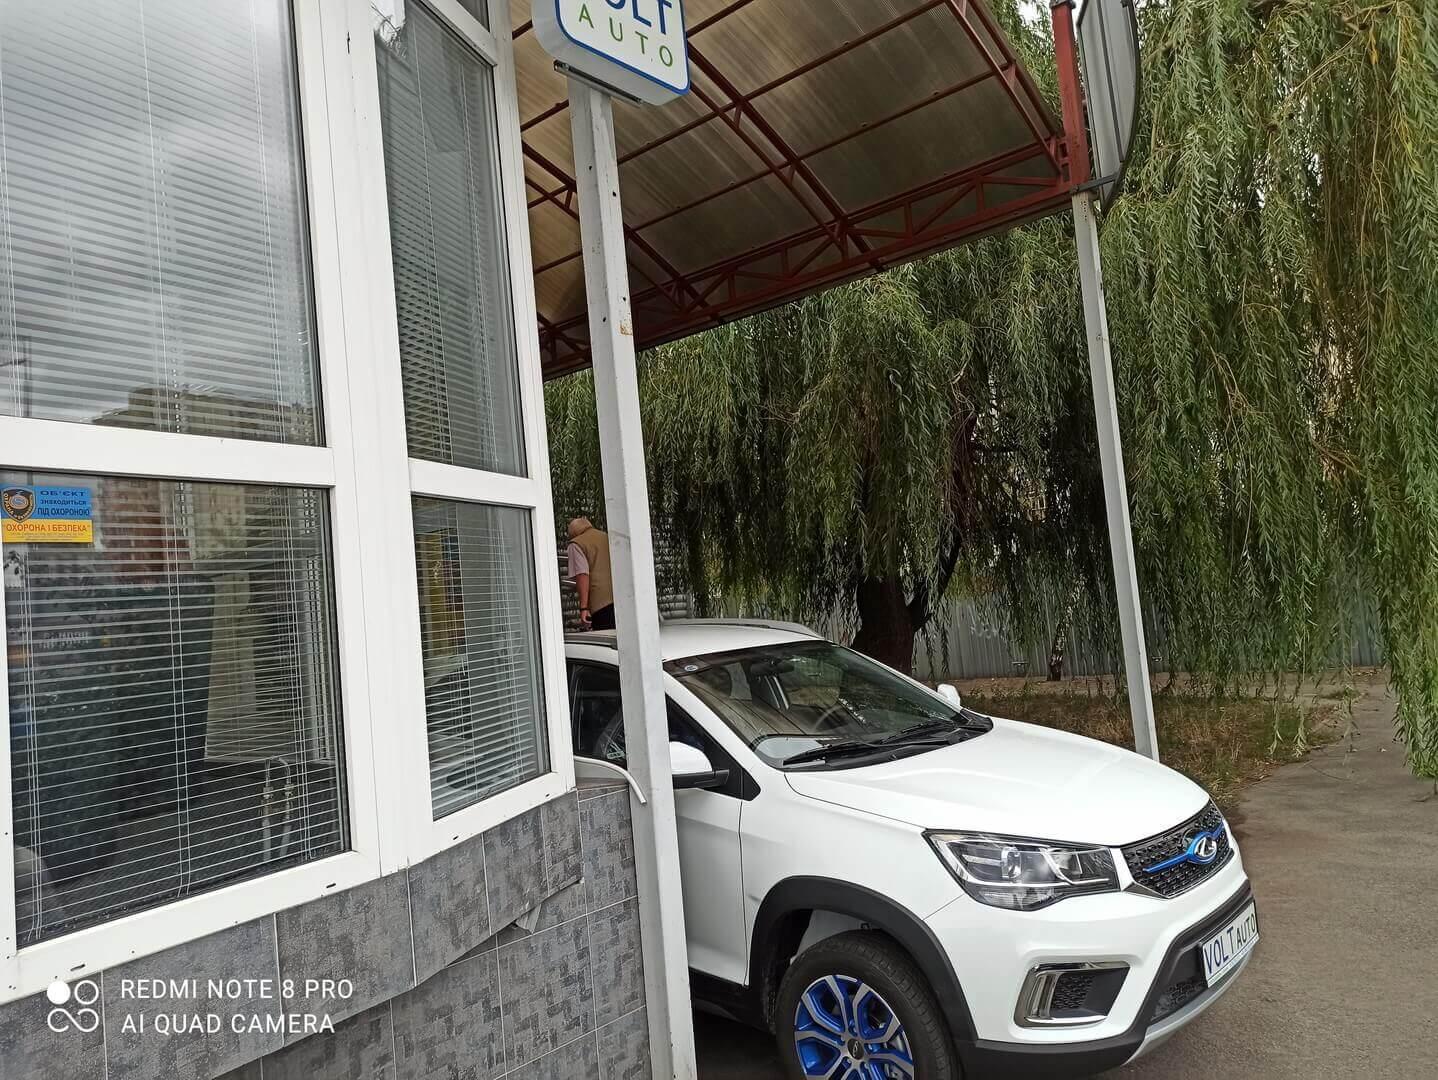 VOLTauto специализируется накитайских электромобилях